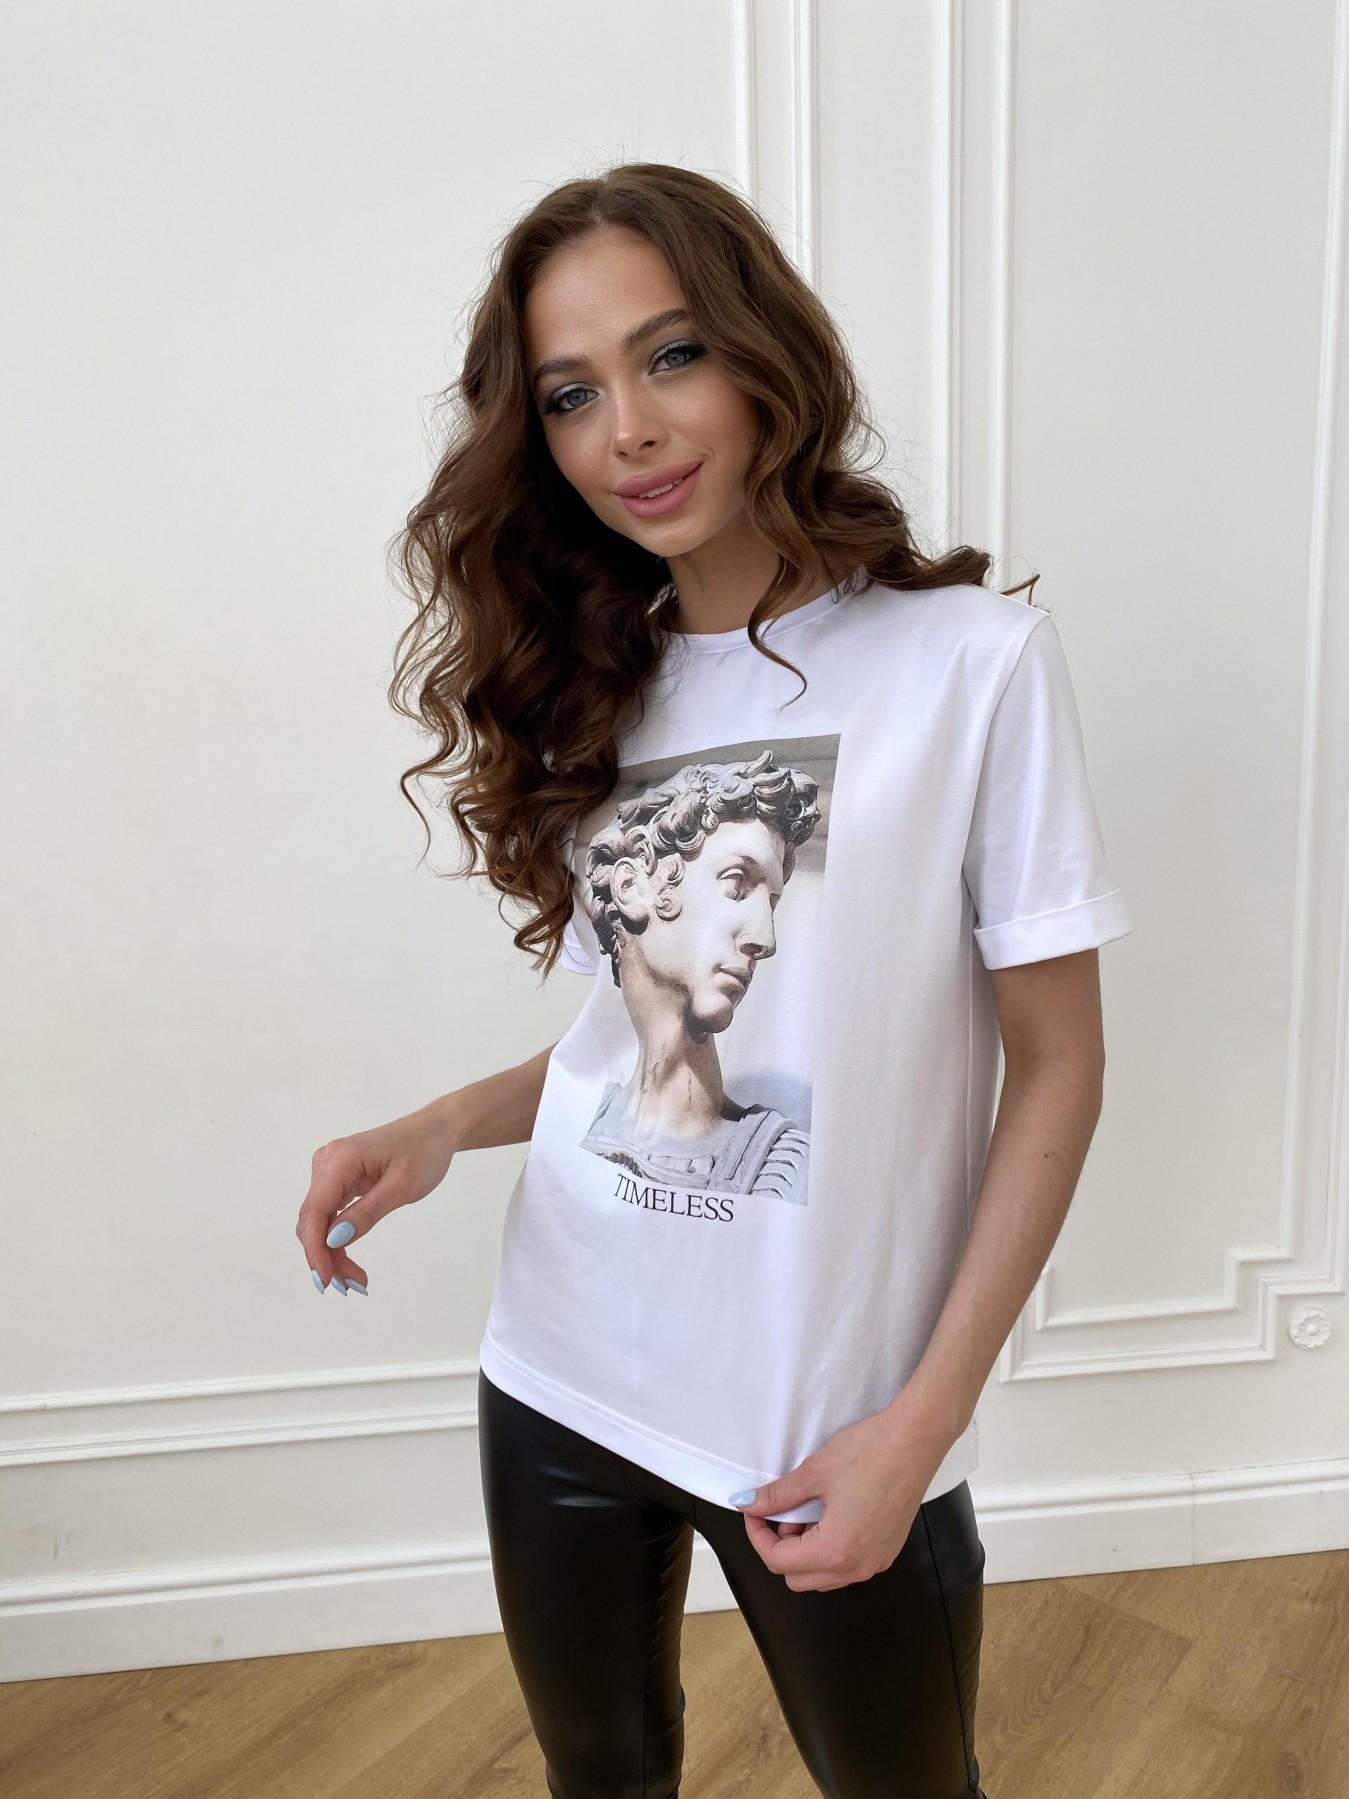 Давид вискоза однотонная стрейч хлопок футболка 11175 АРТ. 47663 Цвет: Белый - фото 5, интернет магазин tm-modus.ru